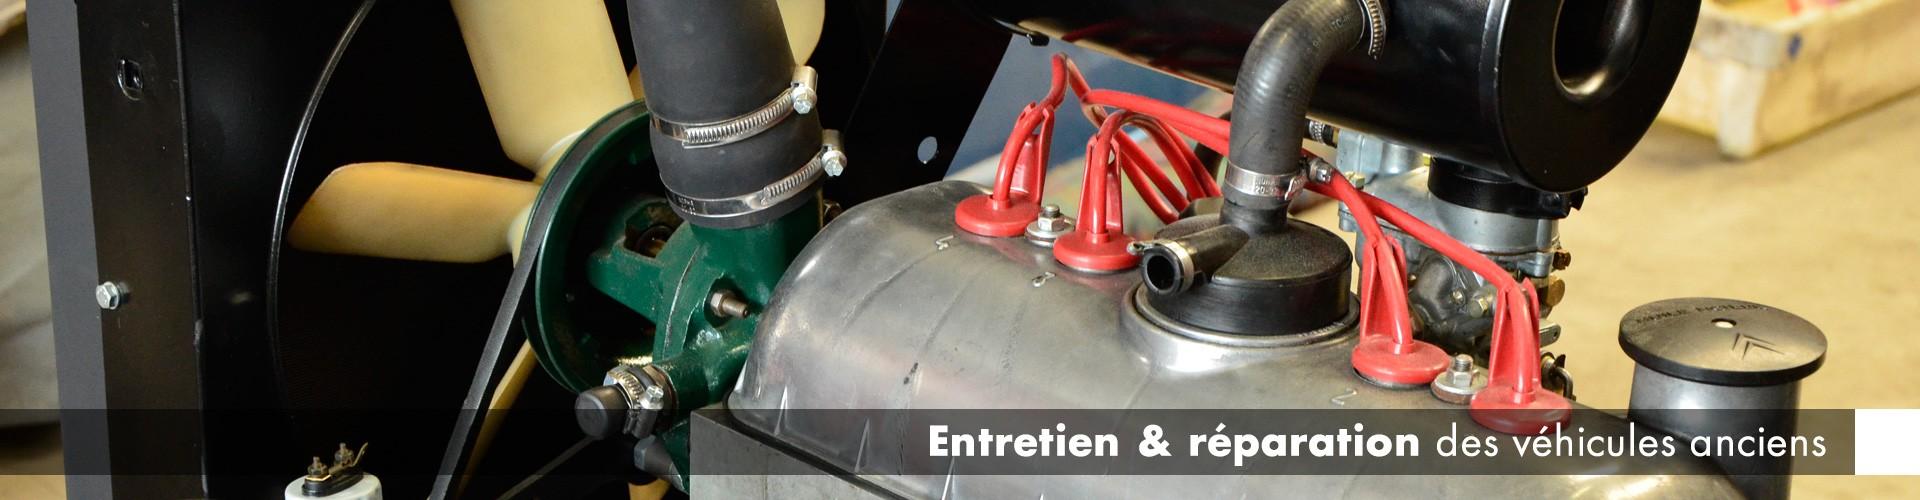 Entretien et réparation des véhicules anciens